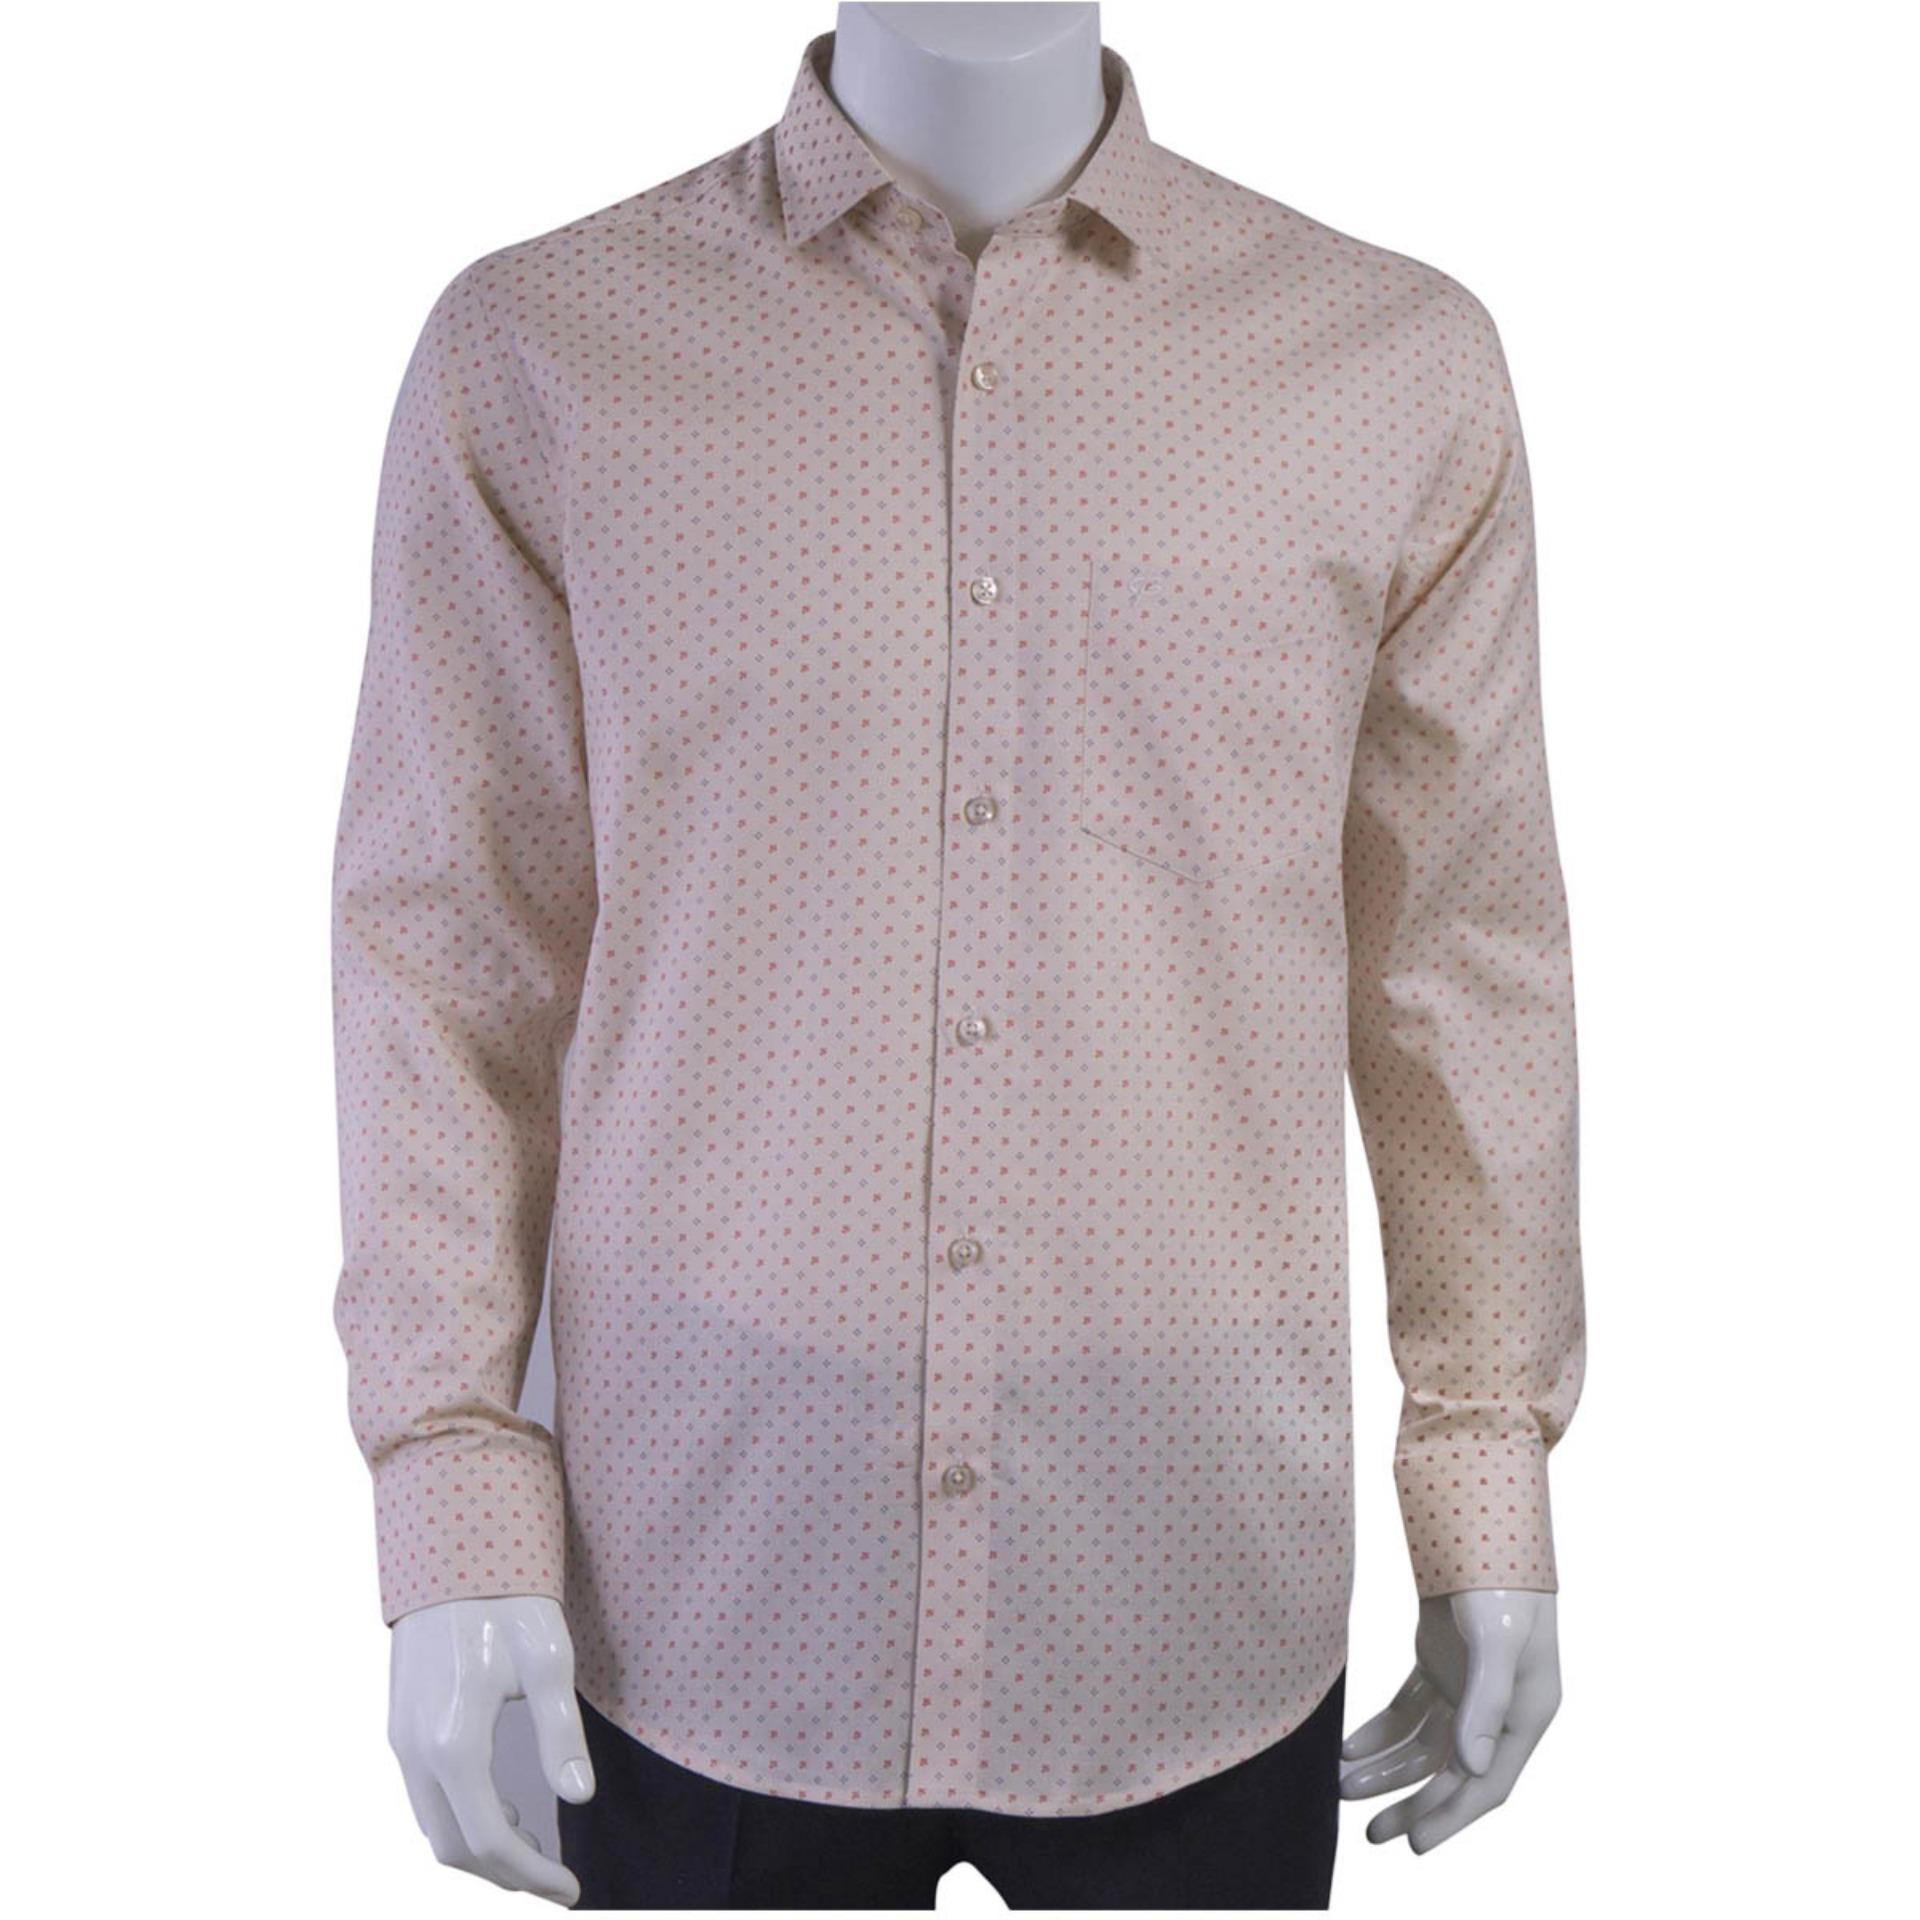 8079af787c3 Arvind Cream Print Cotton Long Sleeves Formal Shirt for Men RF 2347